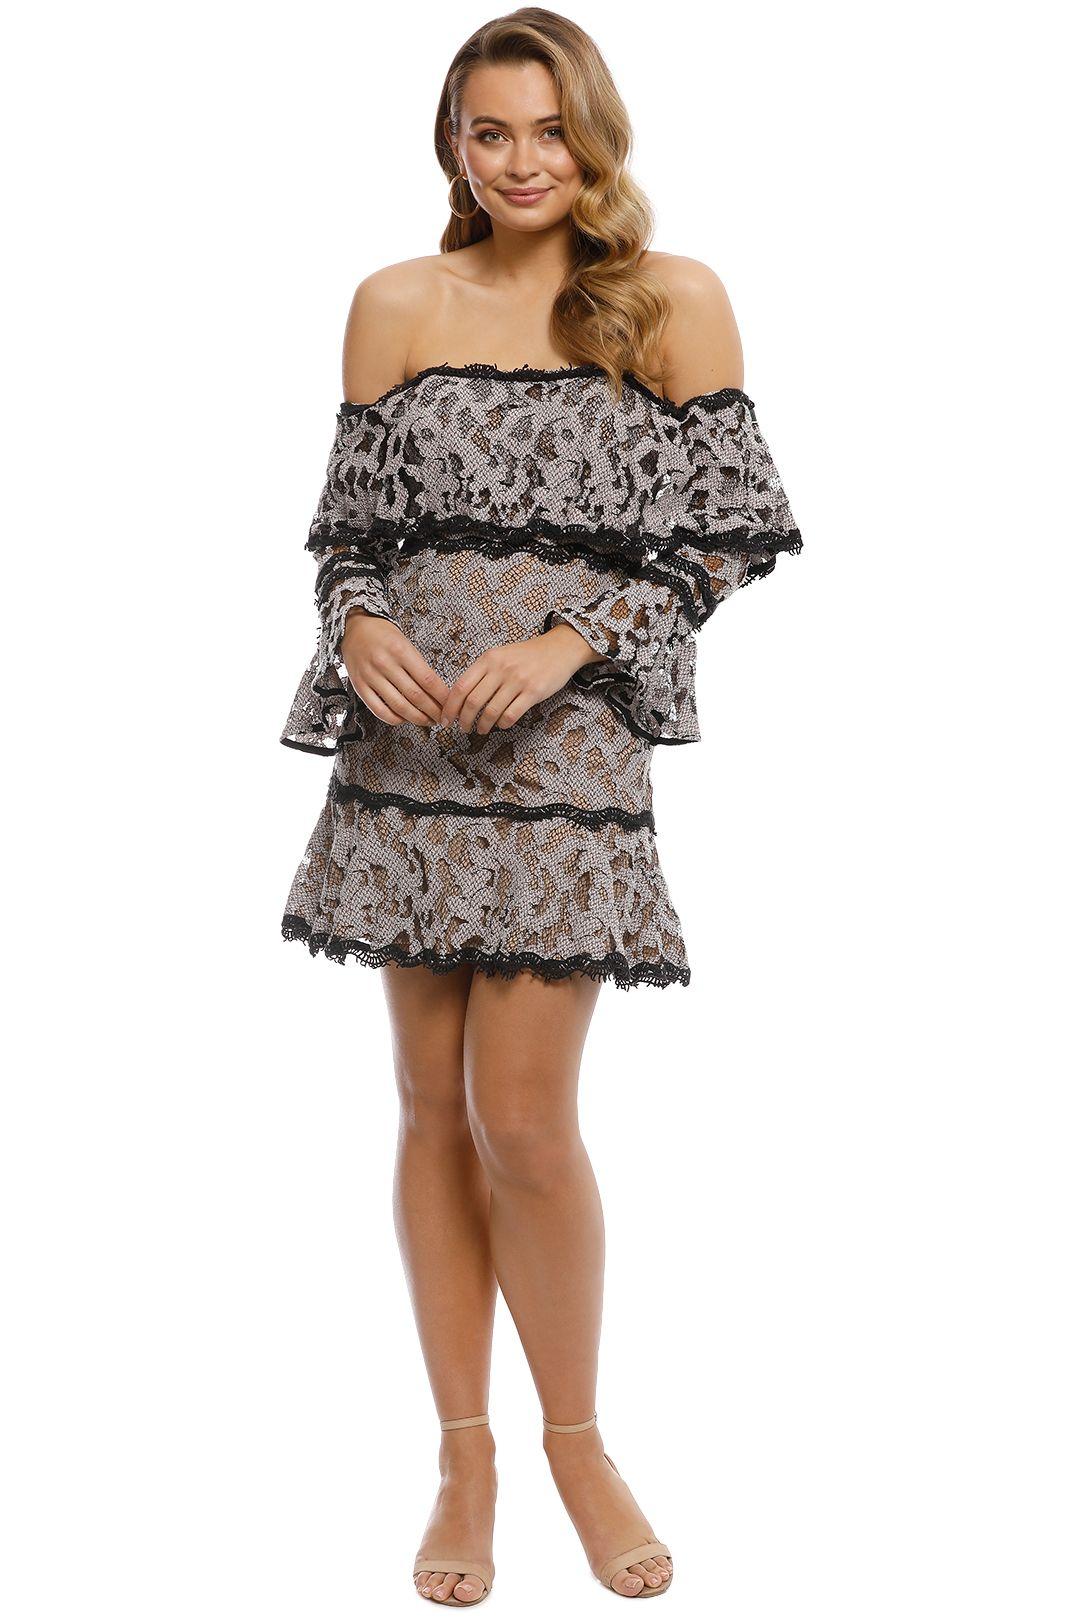 Talulah - Genre Off Shoulder Dress - Blush - Front